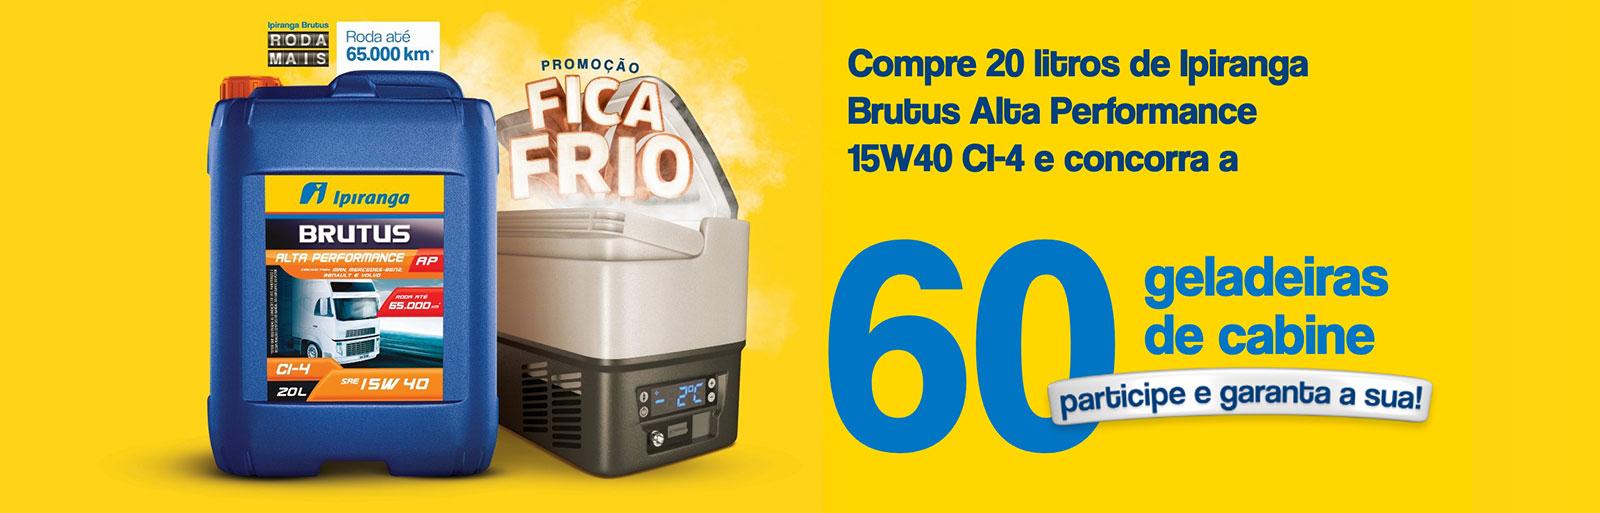 Promoção Fica Frio Ipiranga Brutus